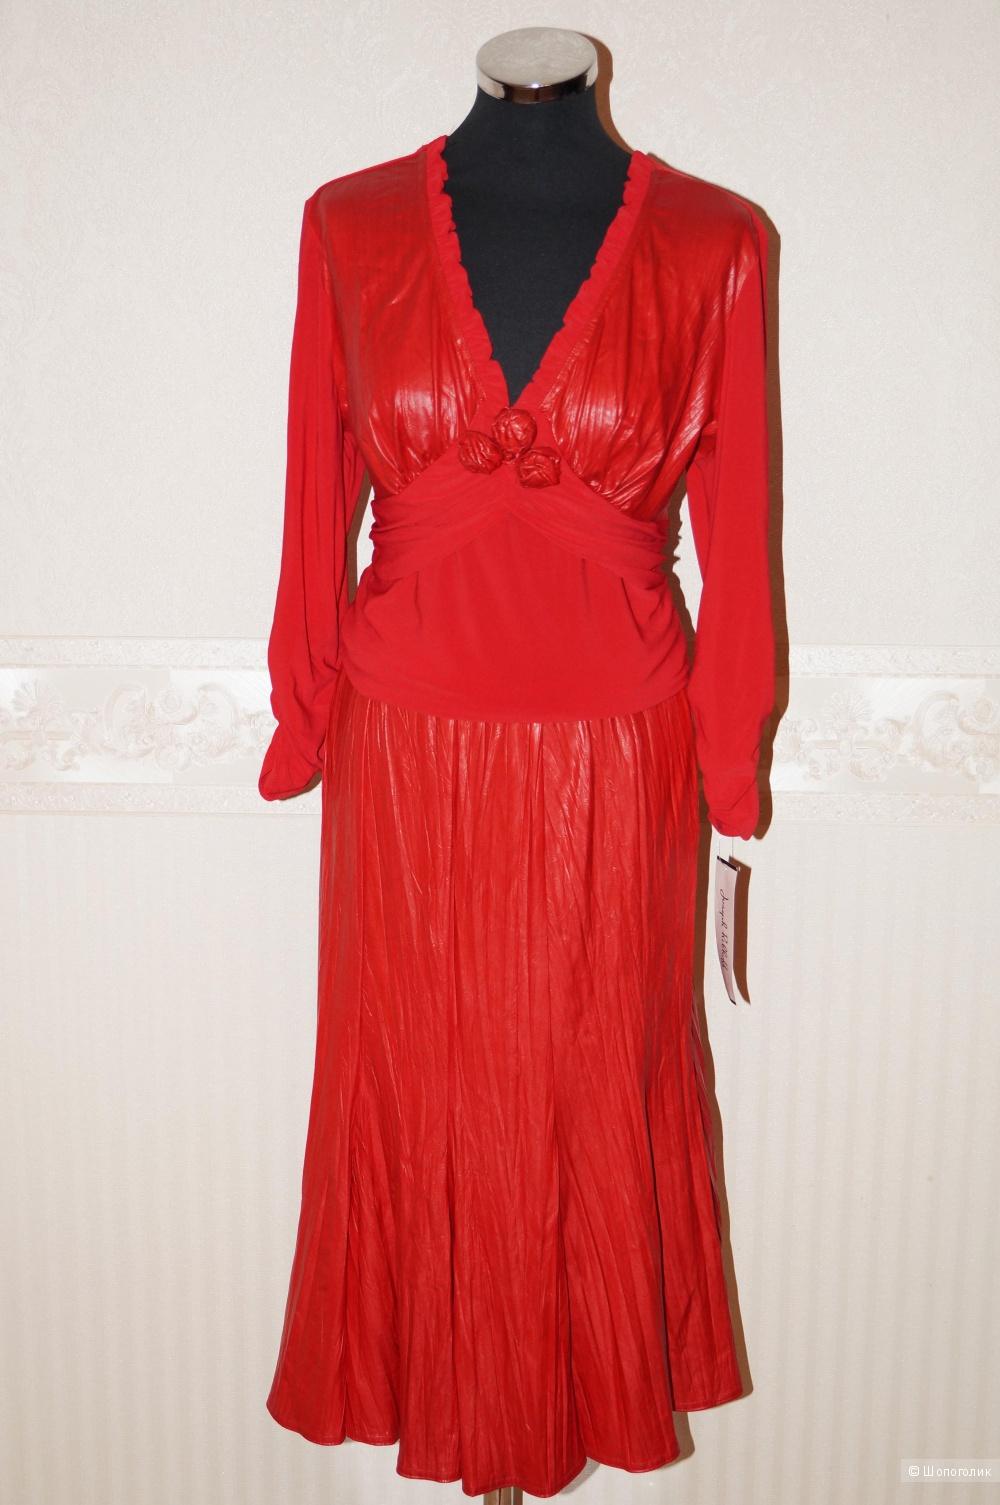 Красный костюм 46-48 размер .Блузка и Юбка с кожаными элементами.